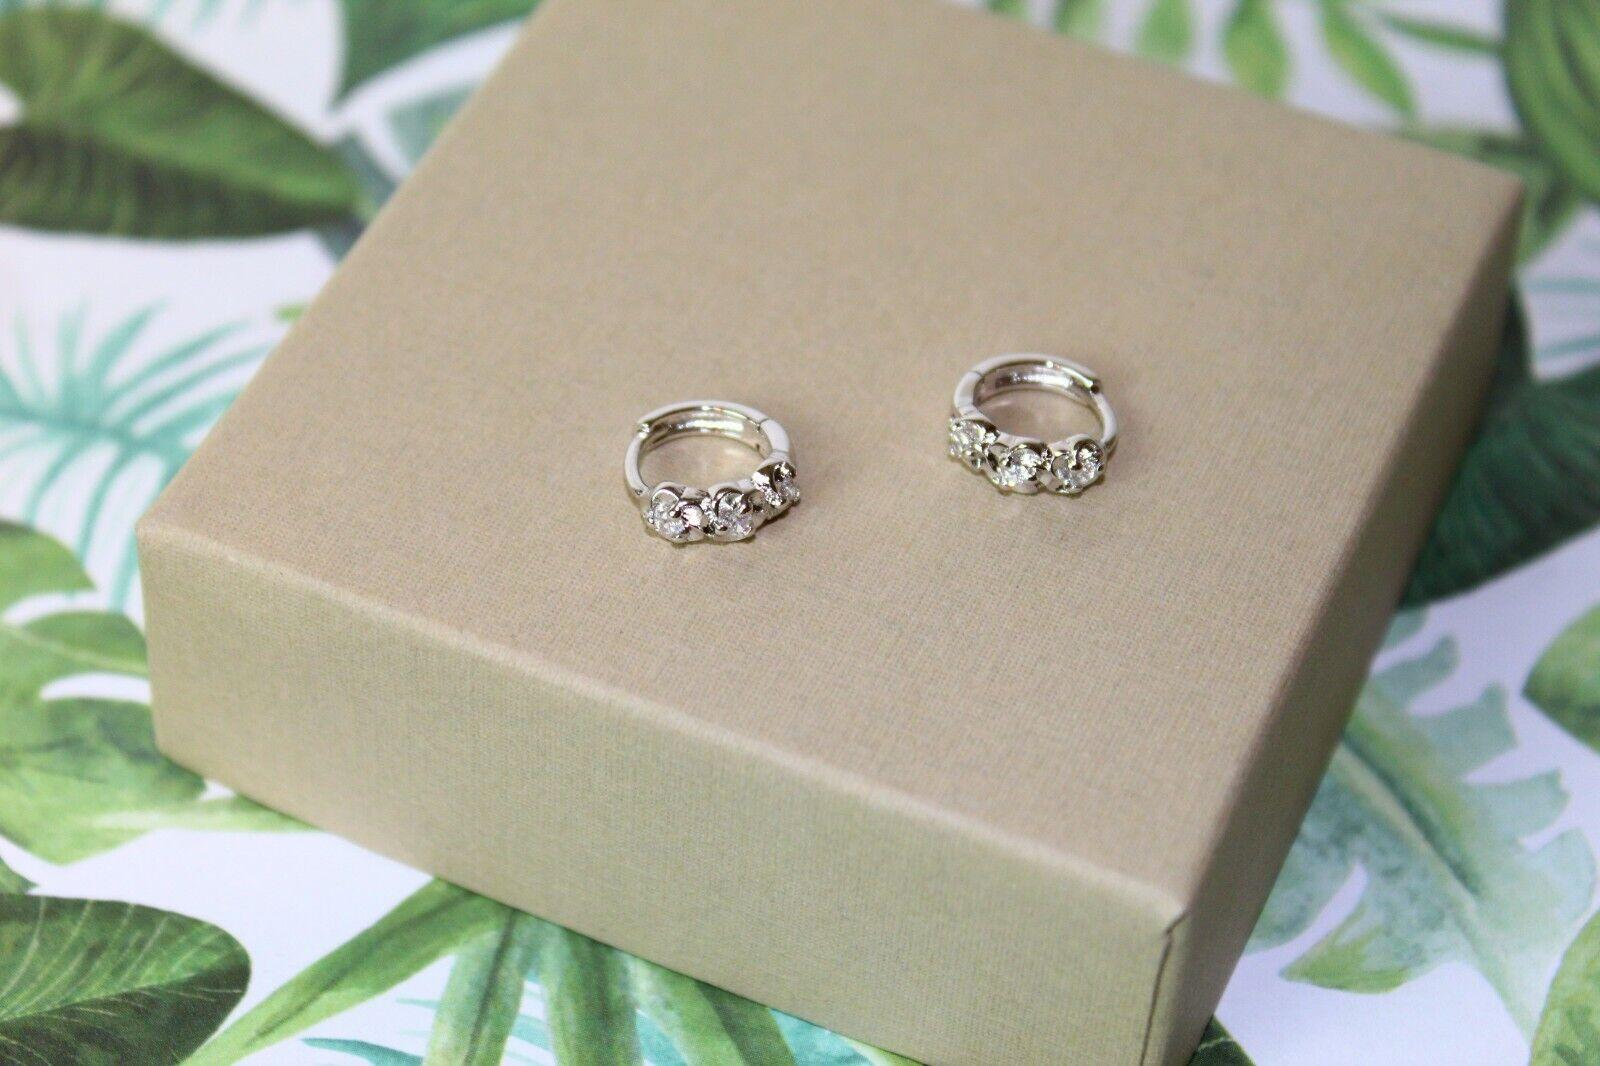 Jewellery - 925 Sterling Silver Women Jewelry Small Hoop Elegant Crystal Ear Stud Earrings